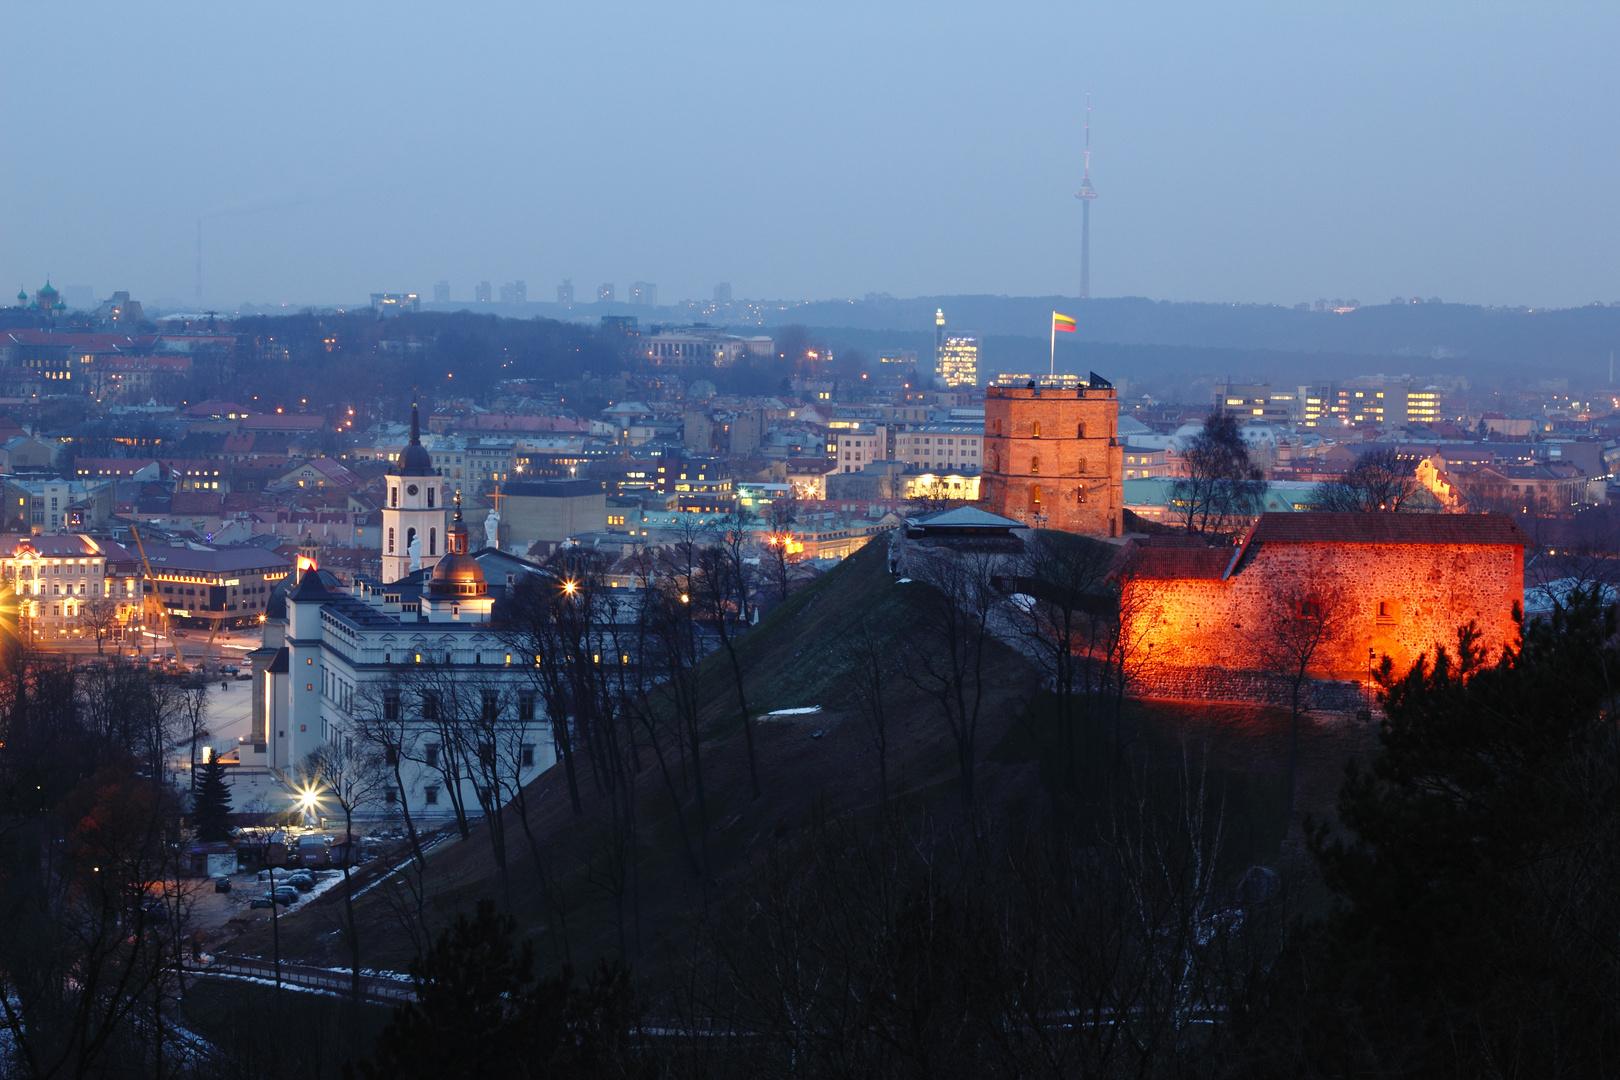 Gediminas Burg